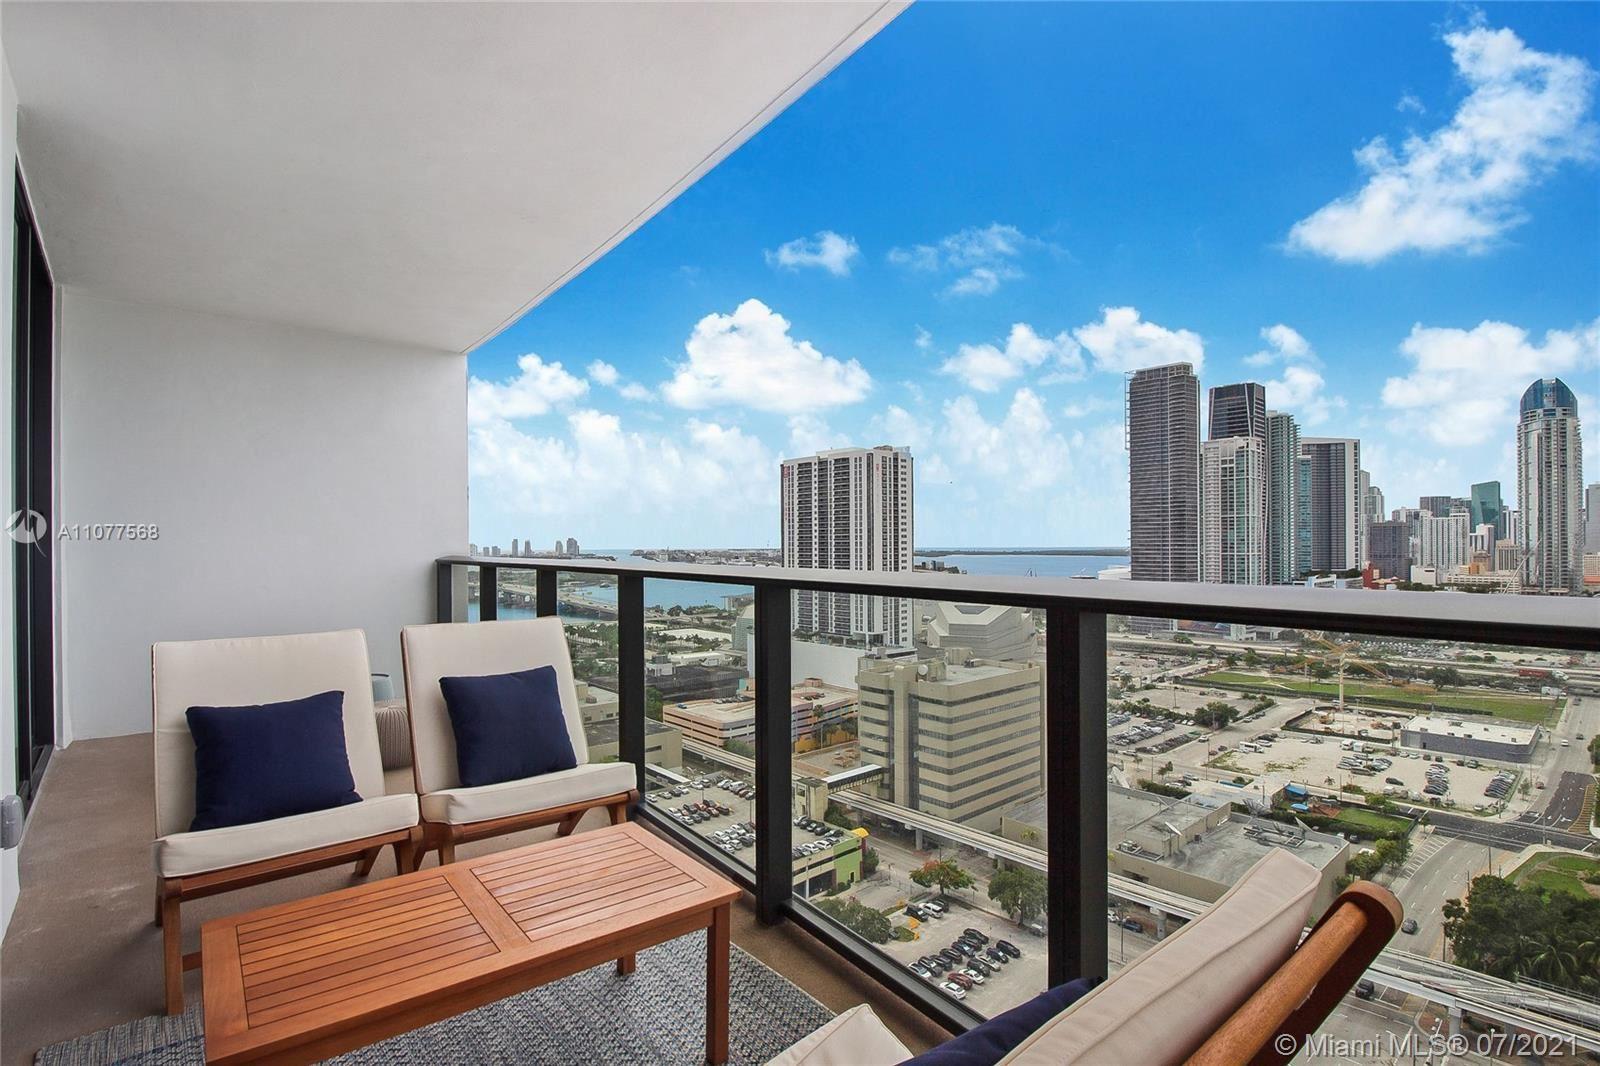 1600 NE 1st Ave #2407, Miami, FL 33132 - #: A11077568